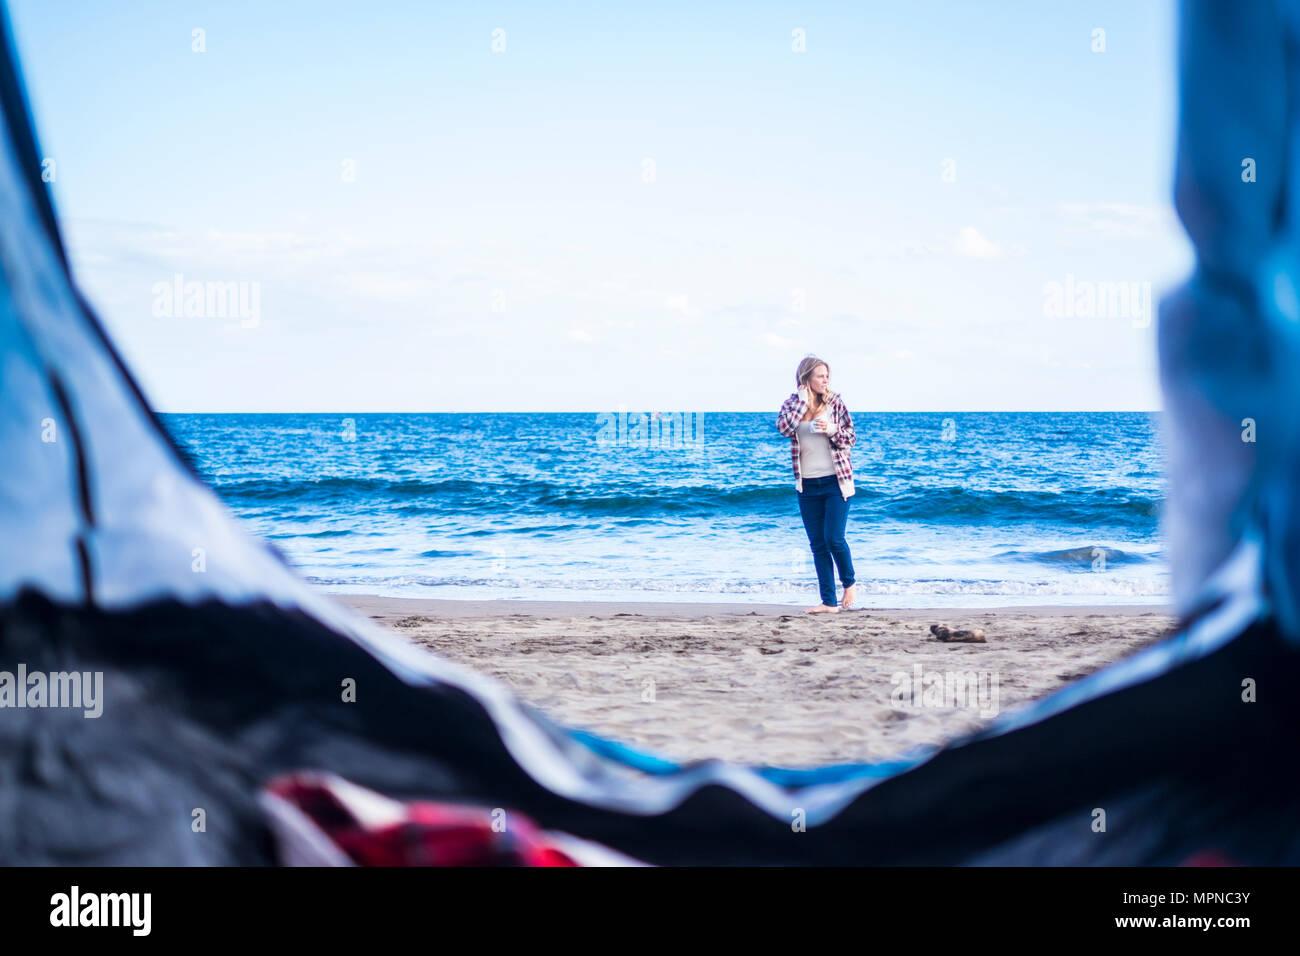 Alternative Lebens- und Ferienhäuser Konzept für Blonde süße Mädchen sitzen unten am Meer an der Tür Ihres Zeltes. Teneriffa locetion. Stockbild